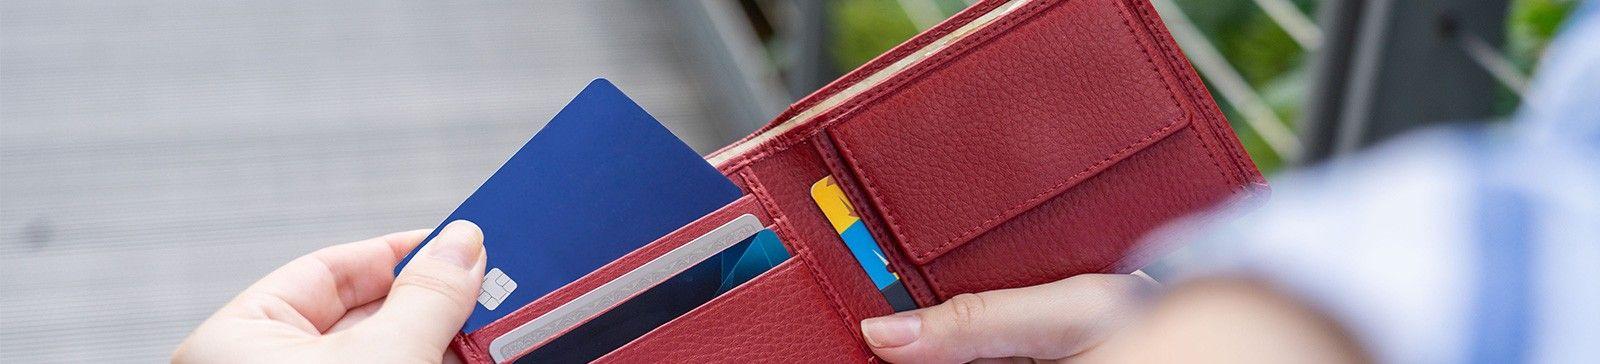 Barclaycard Arrival Miles